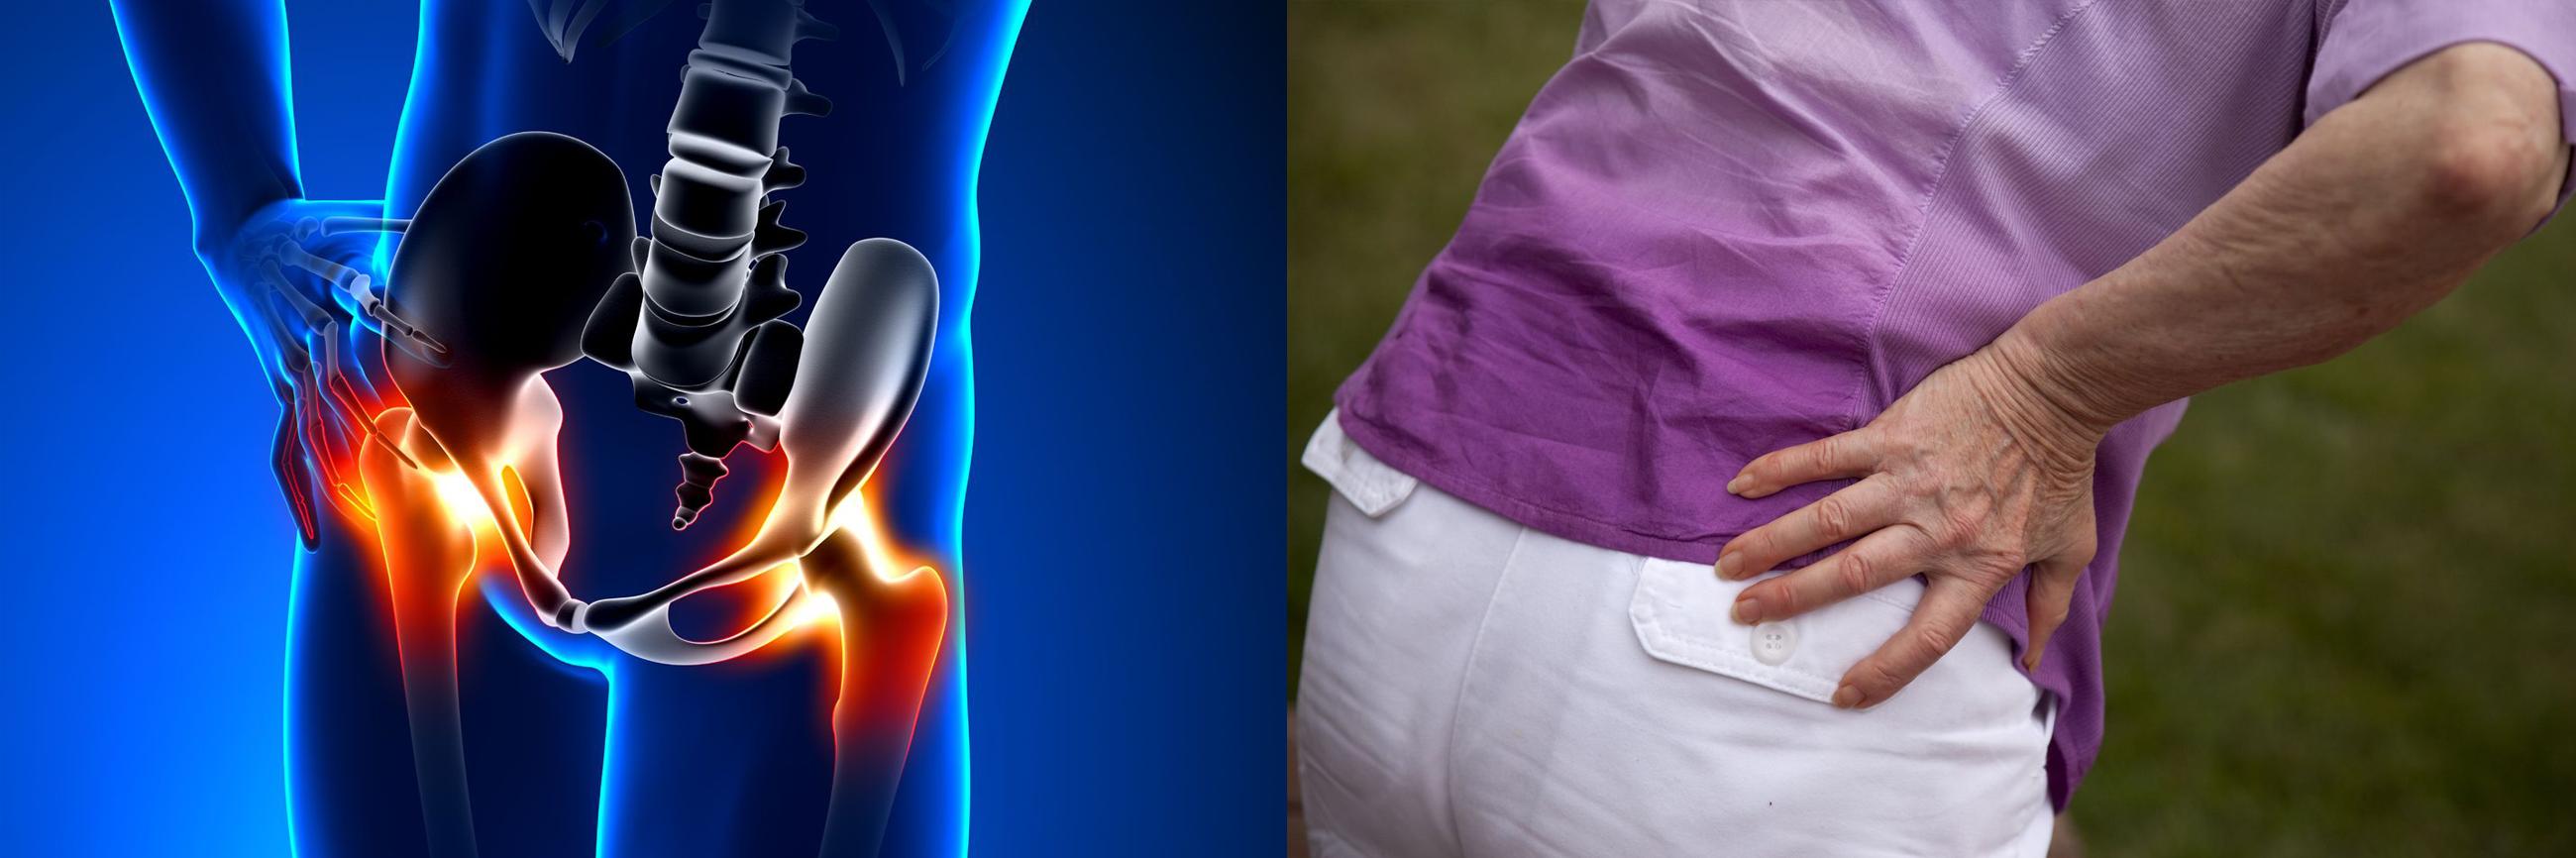 orvos kezeli az ízületi fájdalmakat térdízület védelme